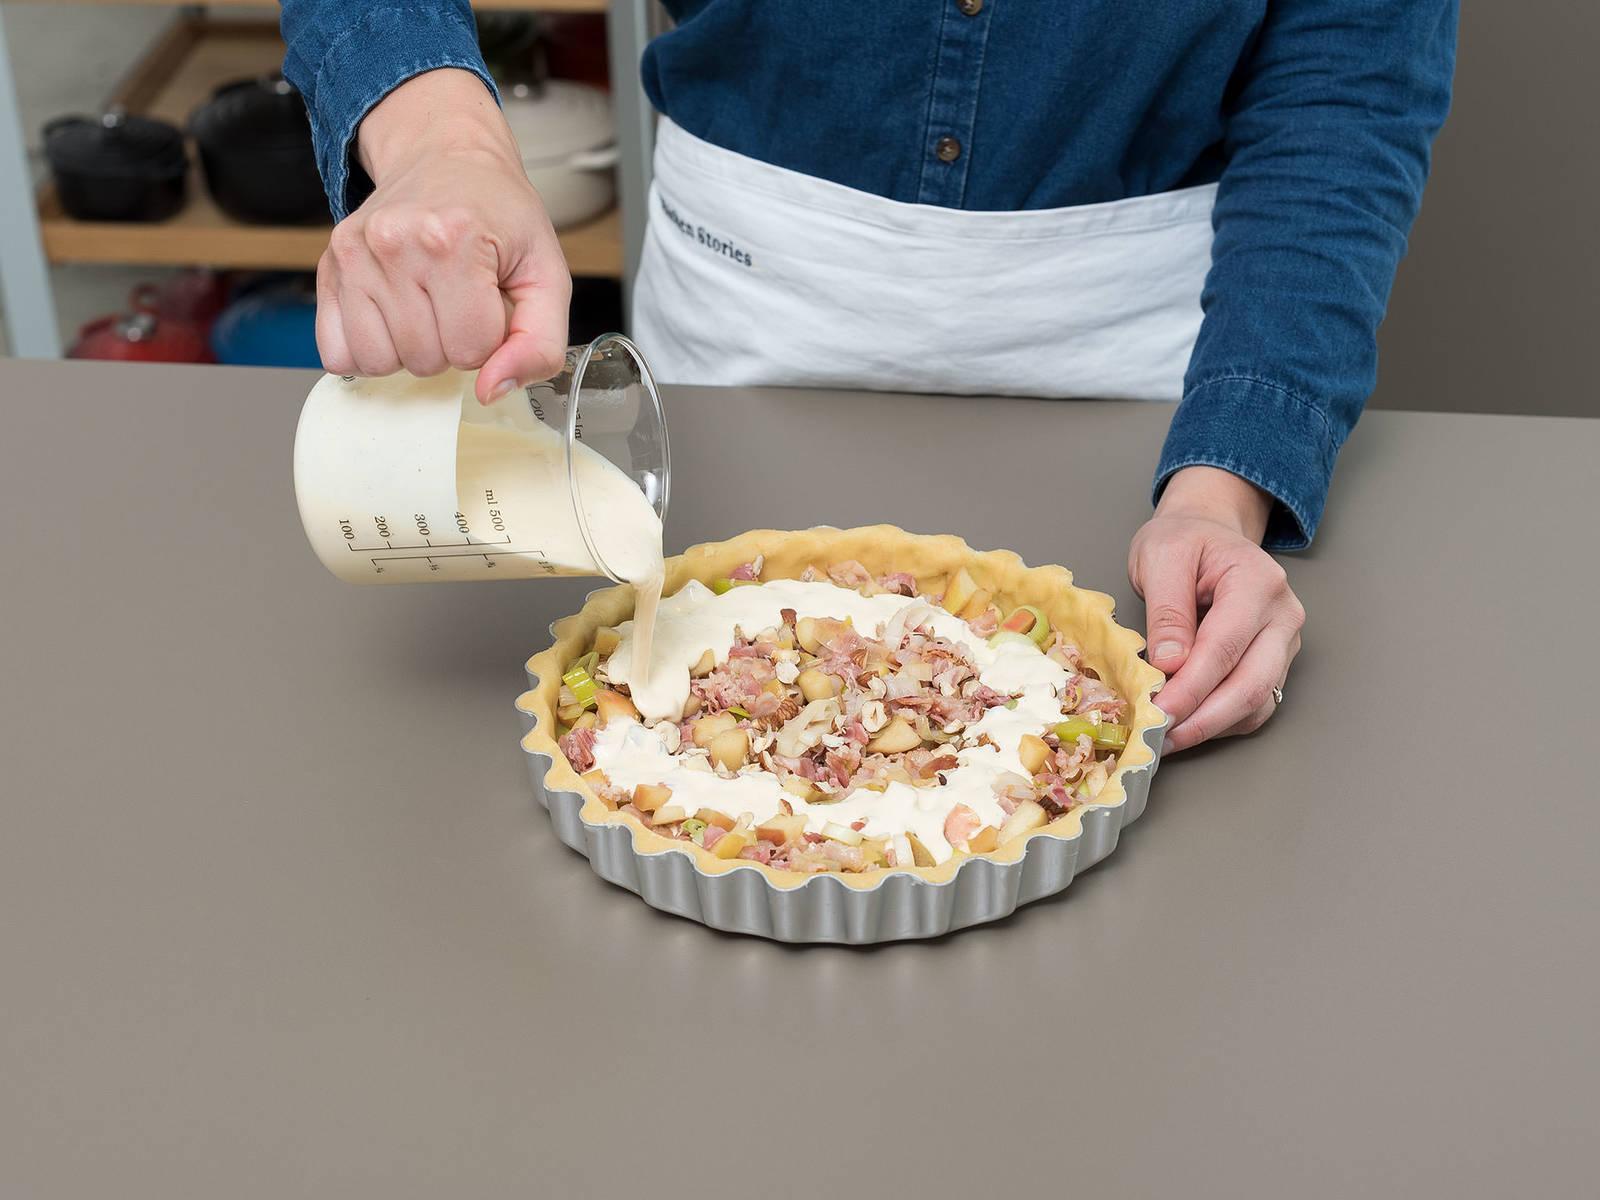 润滑馅饼盘,将面团放入盘中。轻轻将面皮均匀压入馅饼盘的边边角角,贴合盘壁。放入培根、韭葱和培根。撒上半份榛子,倒入鸡蛋混合物。